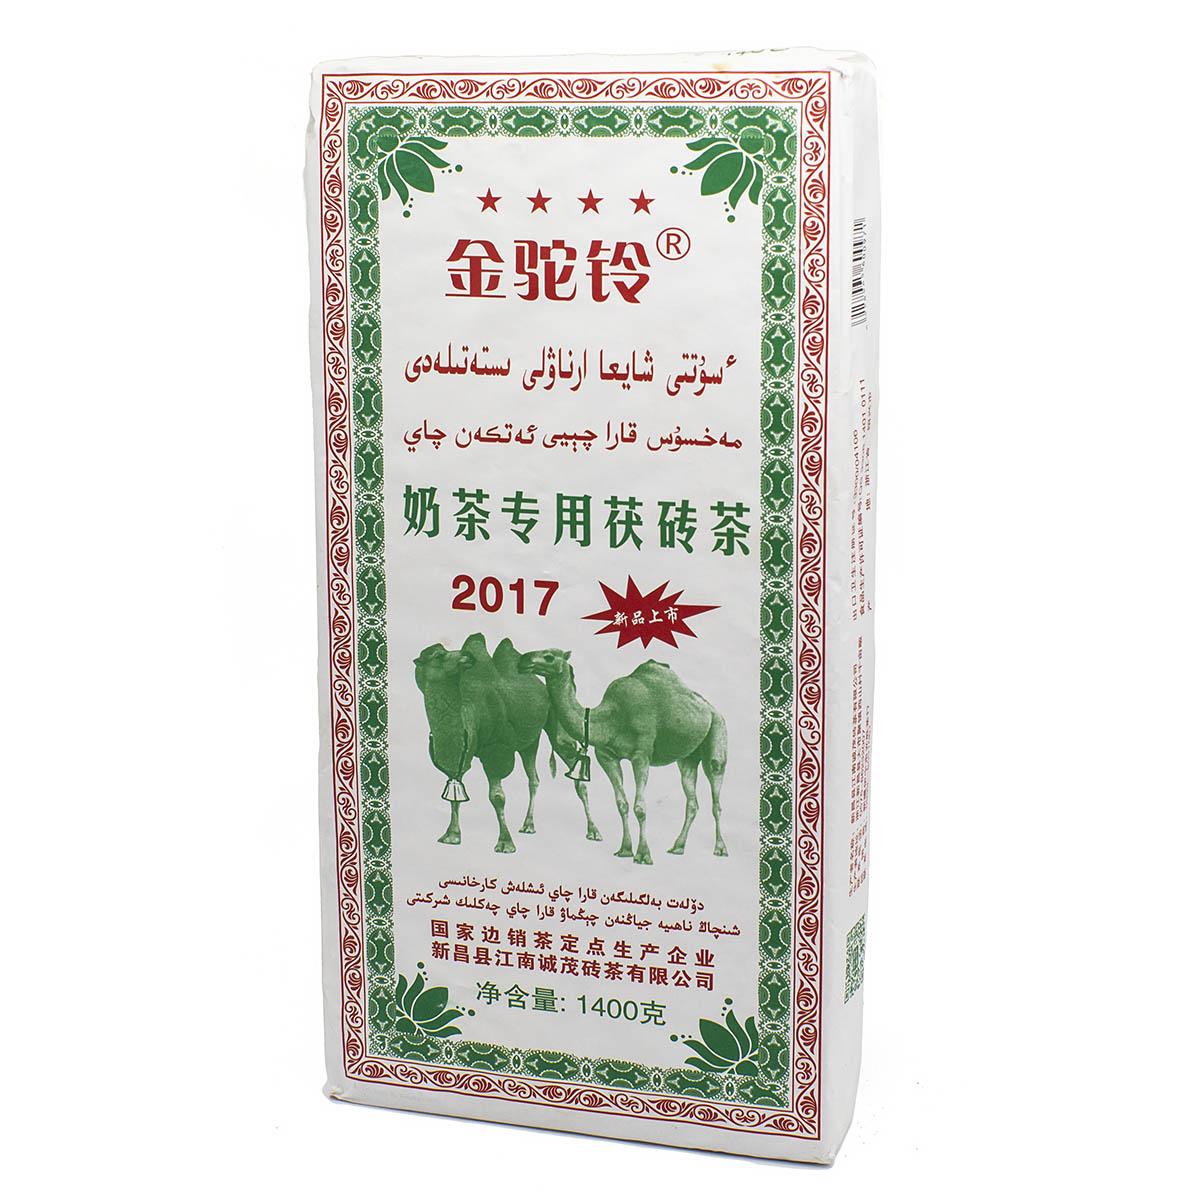 Чай черный Най Ча Чжунь Юнг Фу Чжуань Ча Золотой Верблюд, 2017, кирпич, 1400 г чай белый бай ча мини то ча 5 7 г